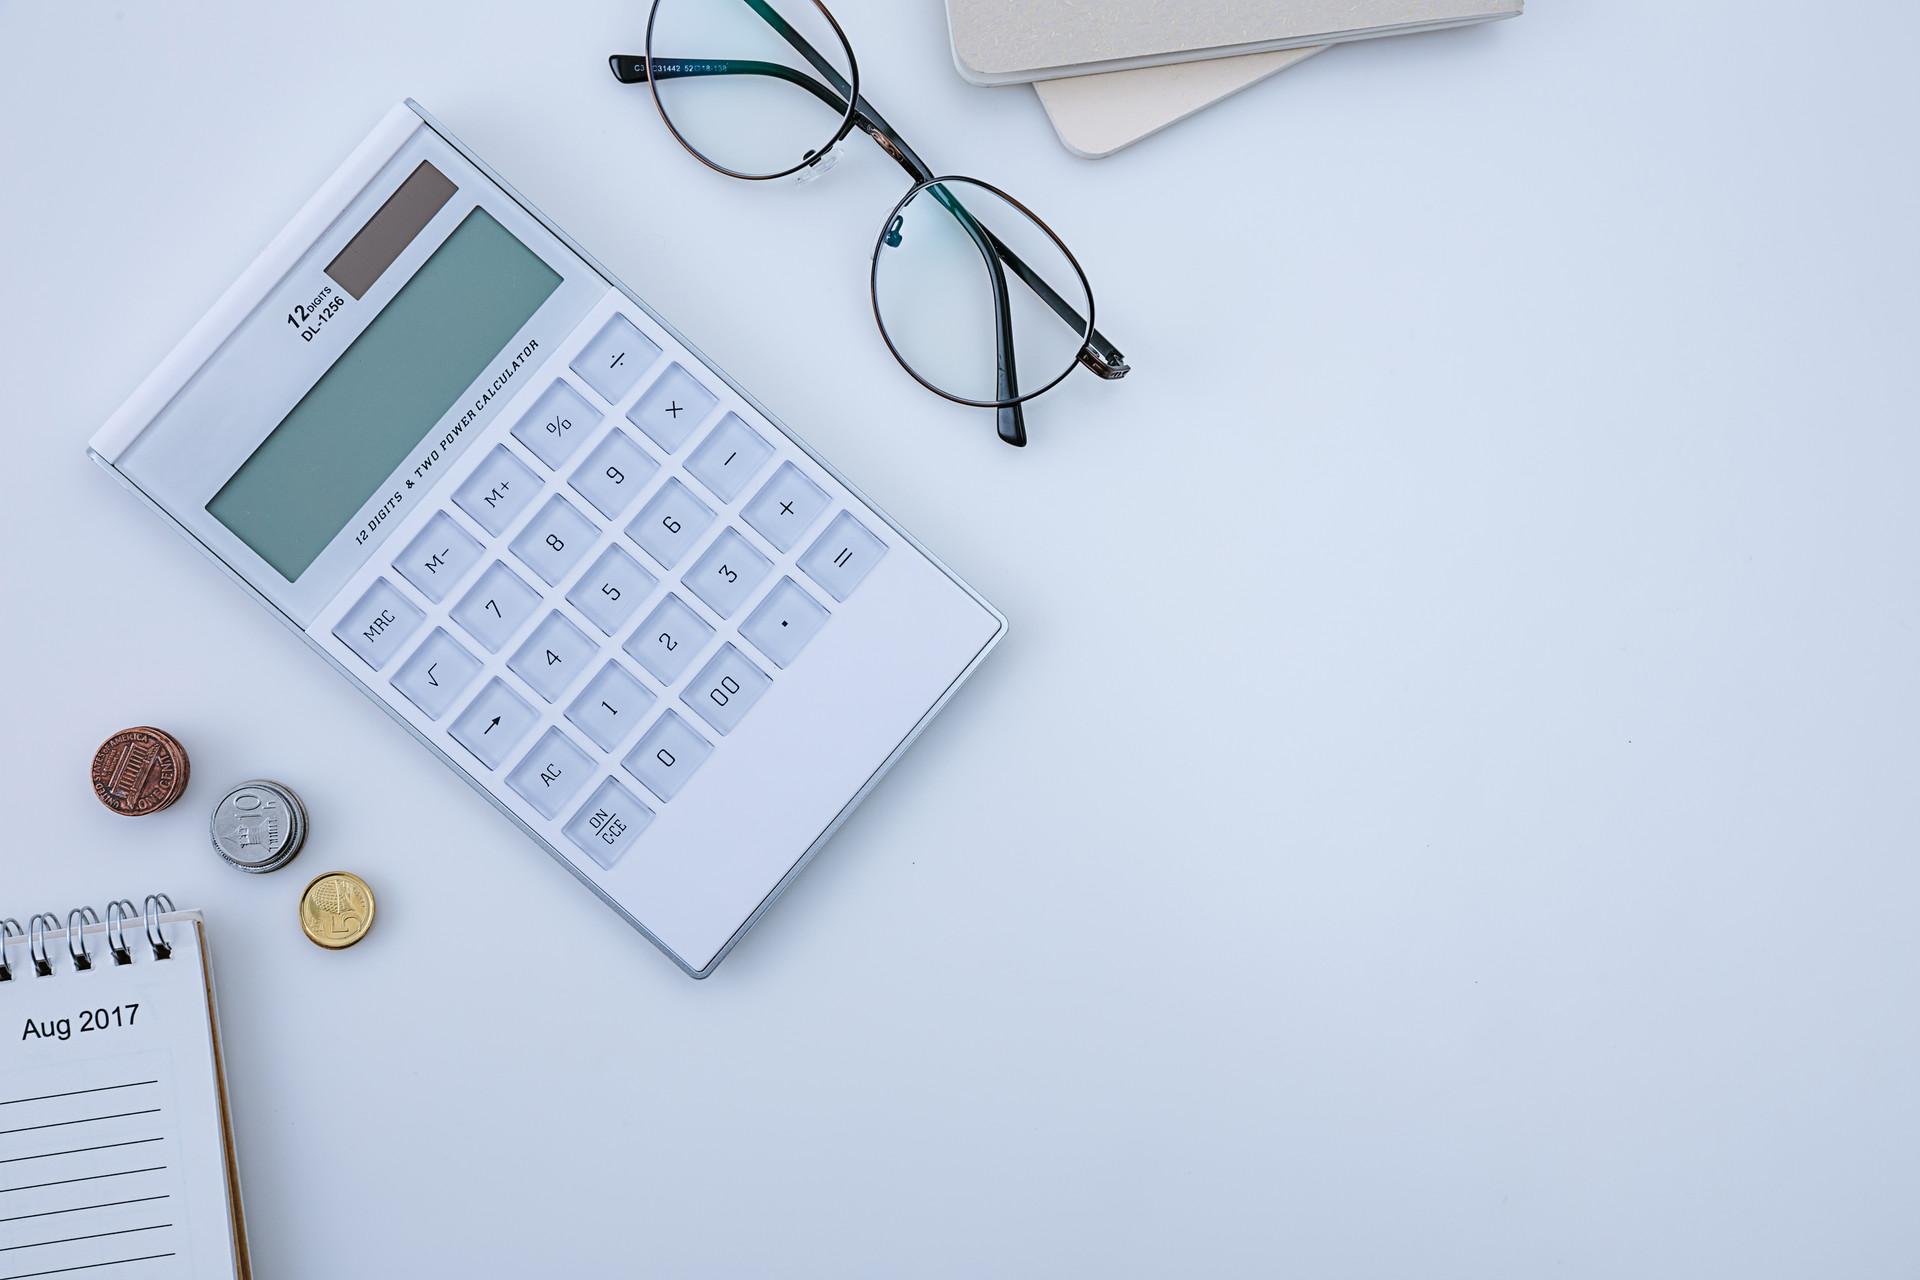 群发工资条有什么好处?大大提高企业工资条发放效率